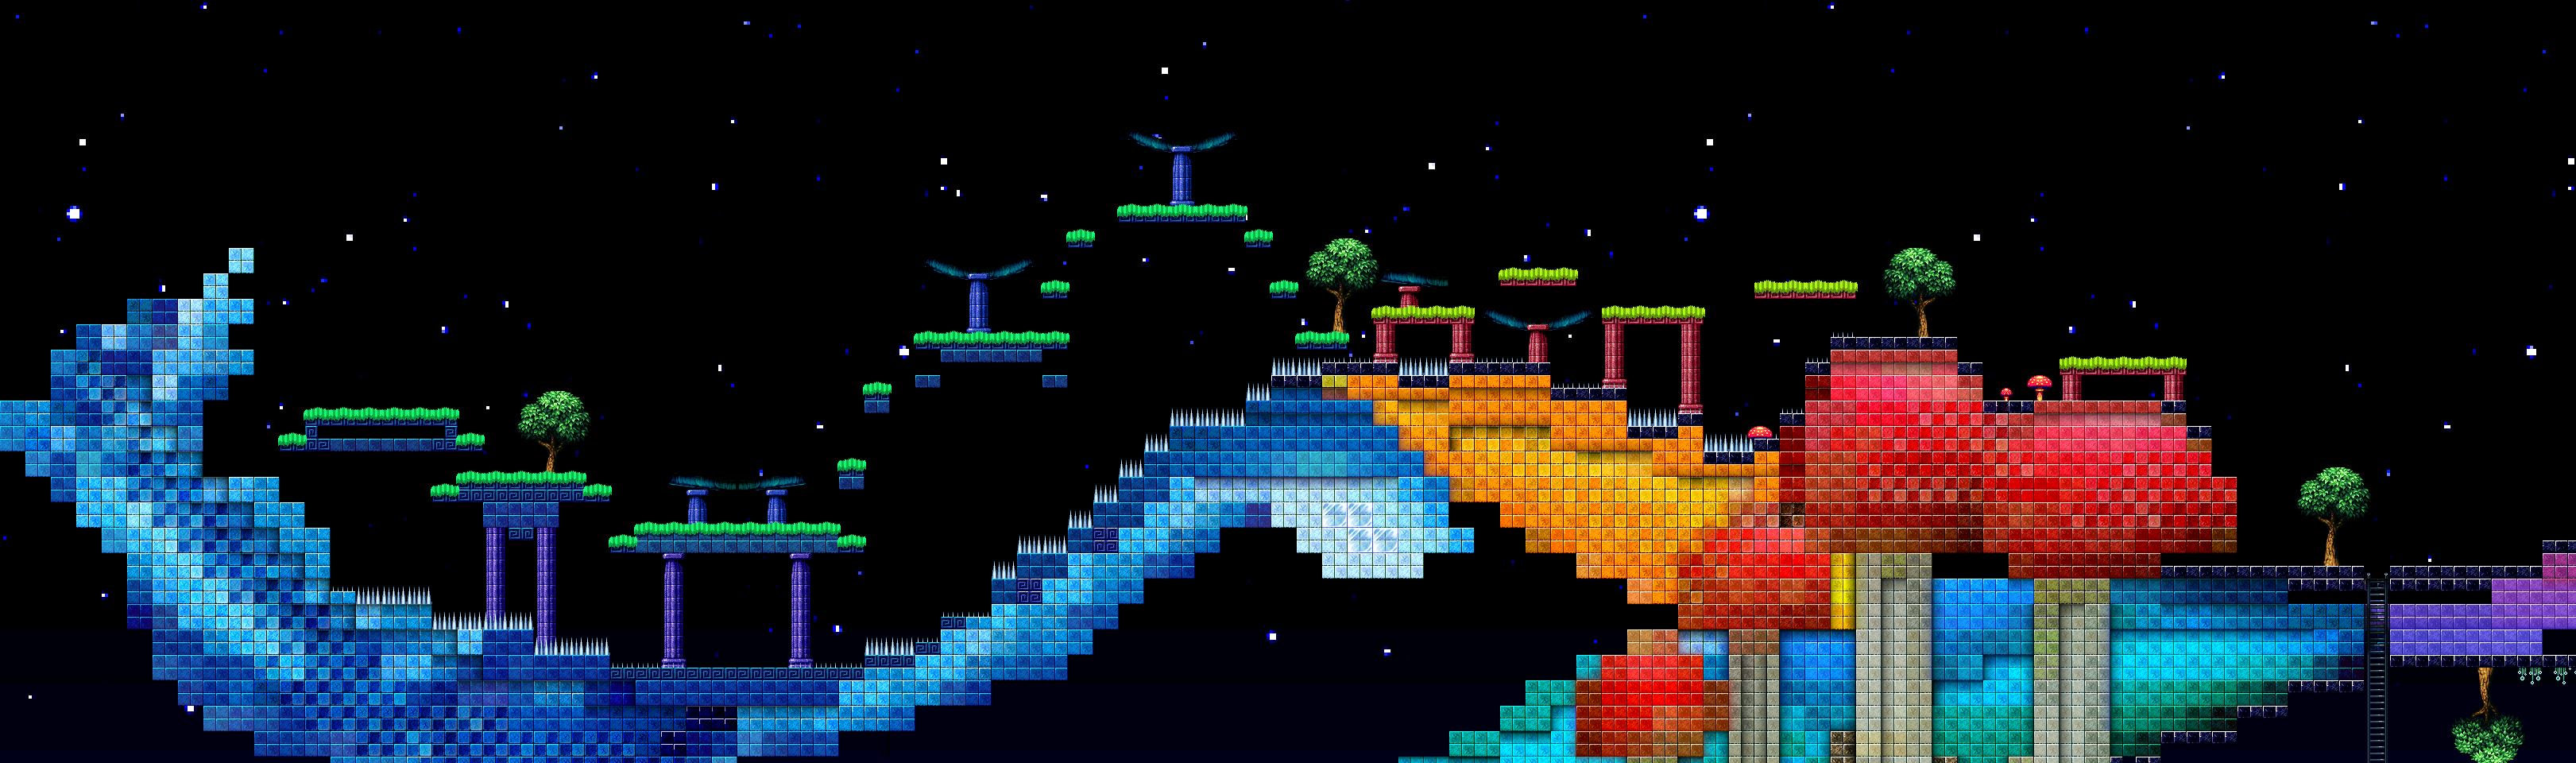 Pixelsphere A Musical Platformer 2d Pixel Art Sidescroller